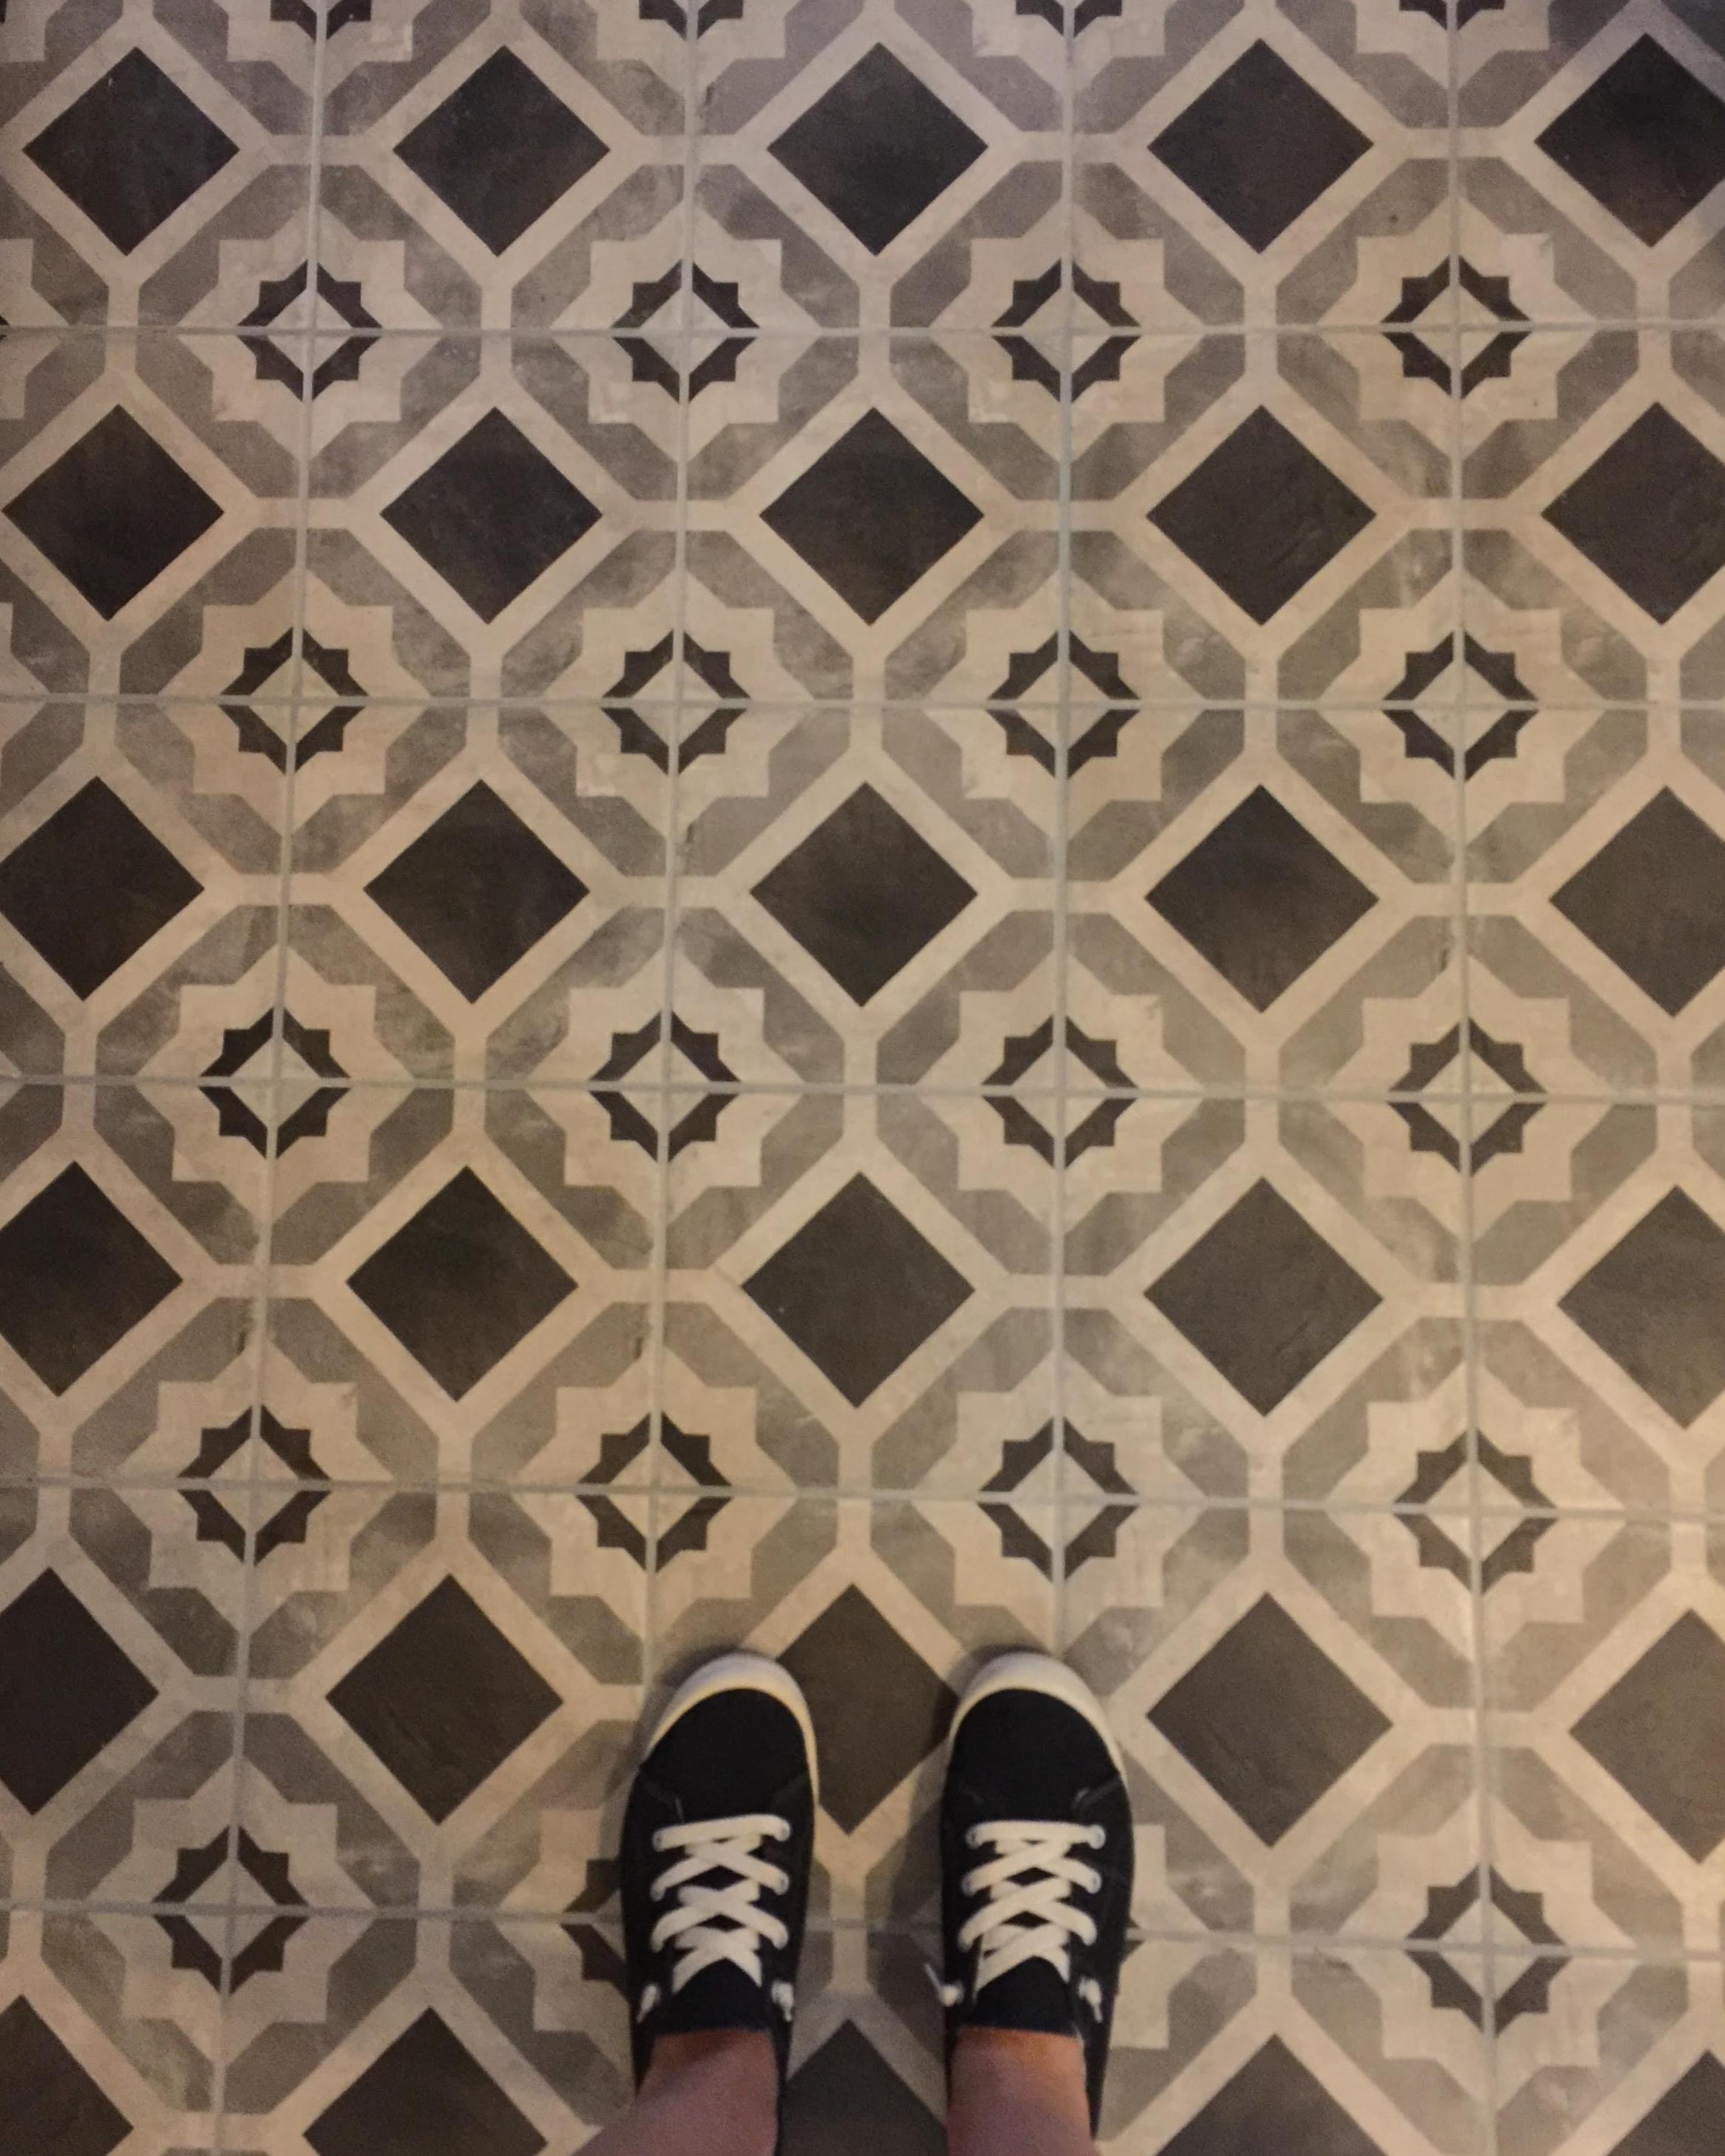 This tile! O_O